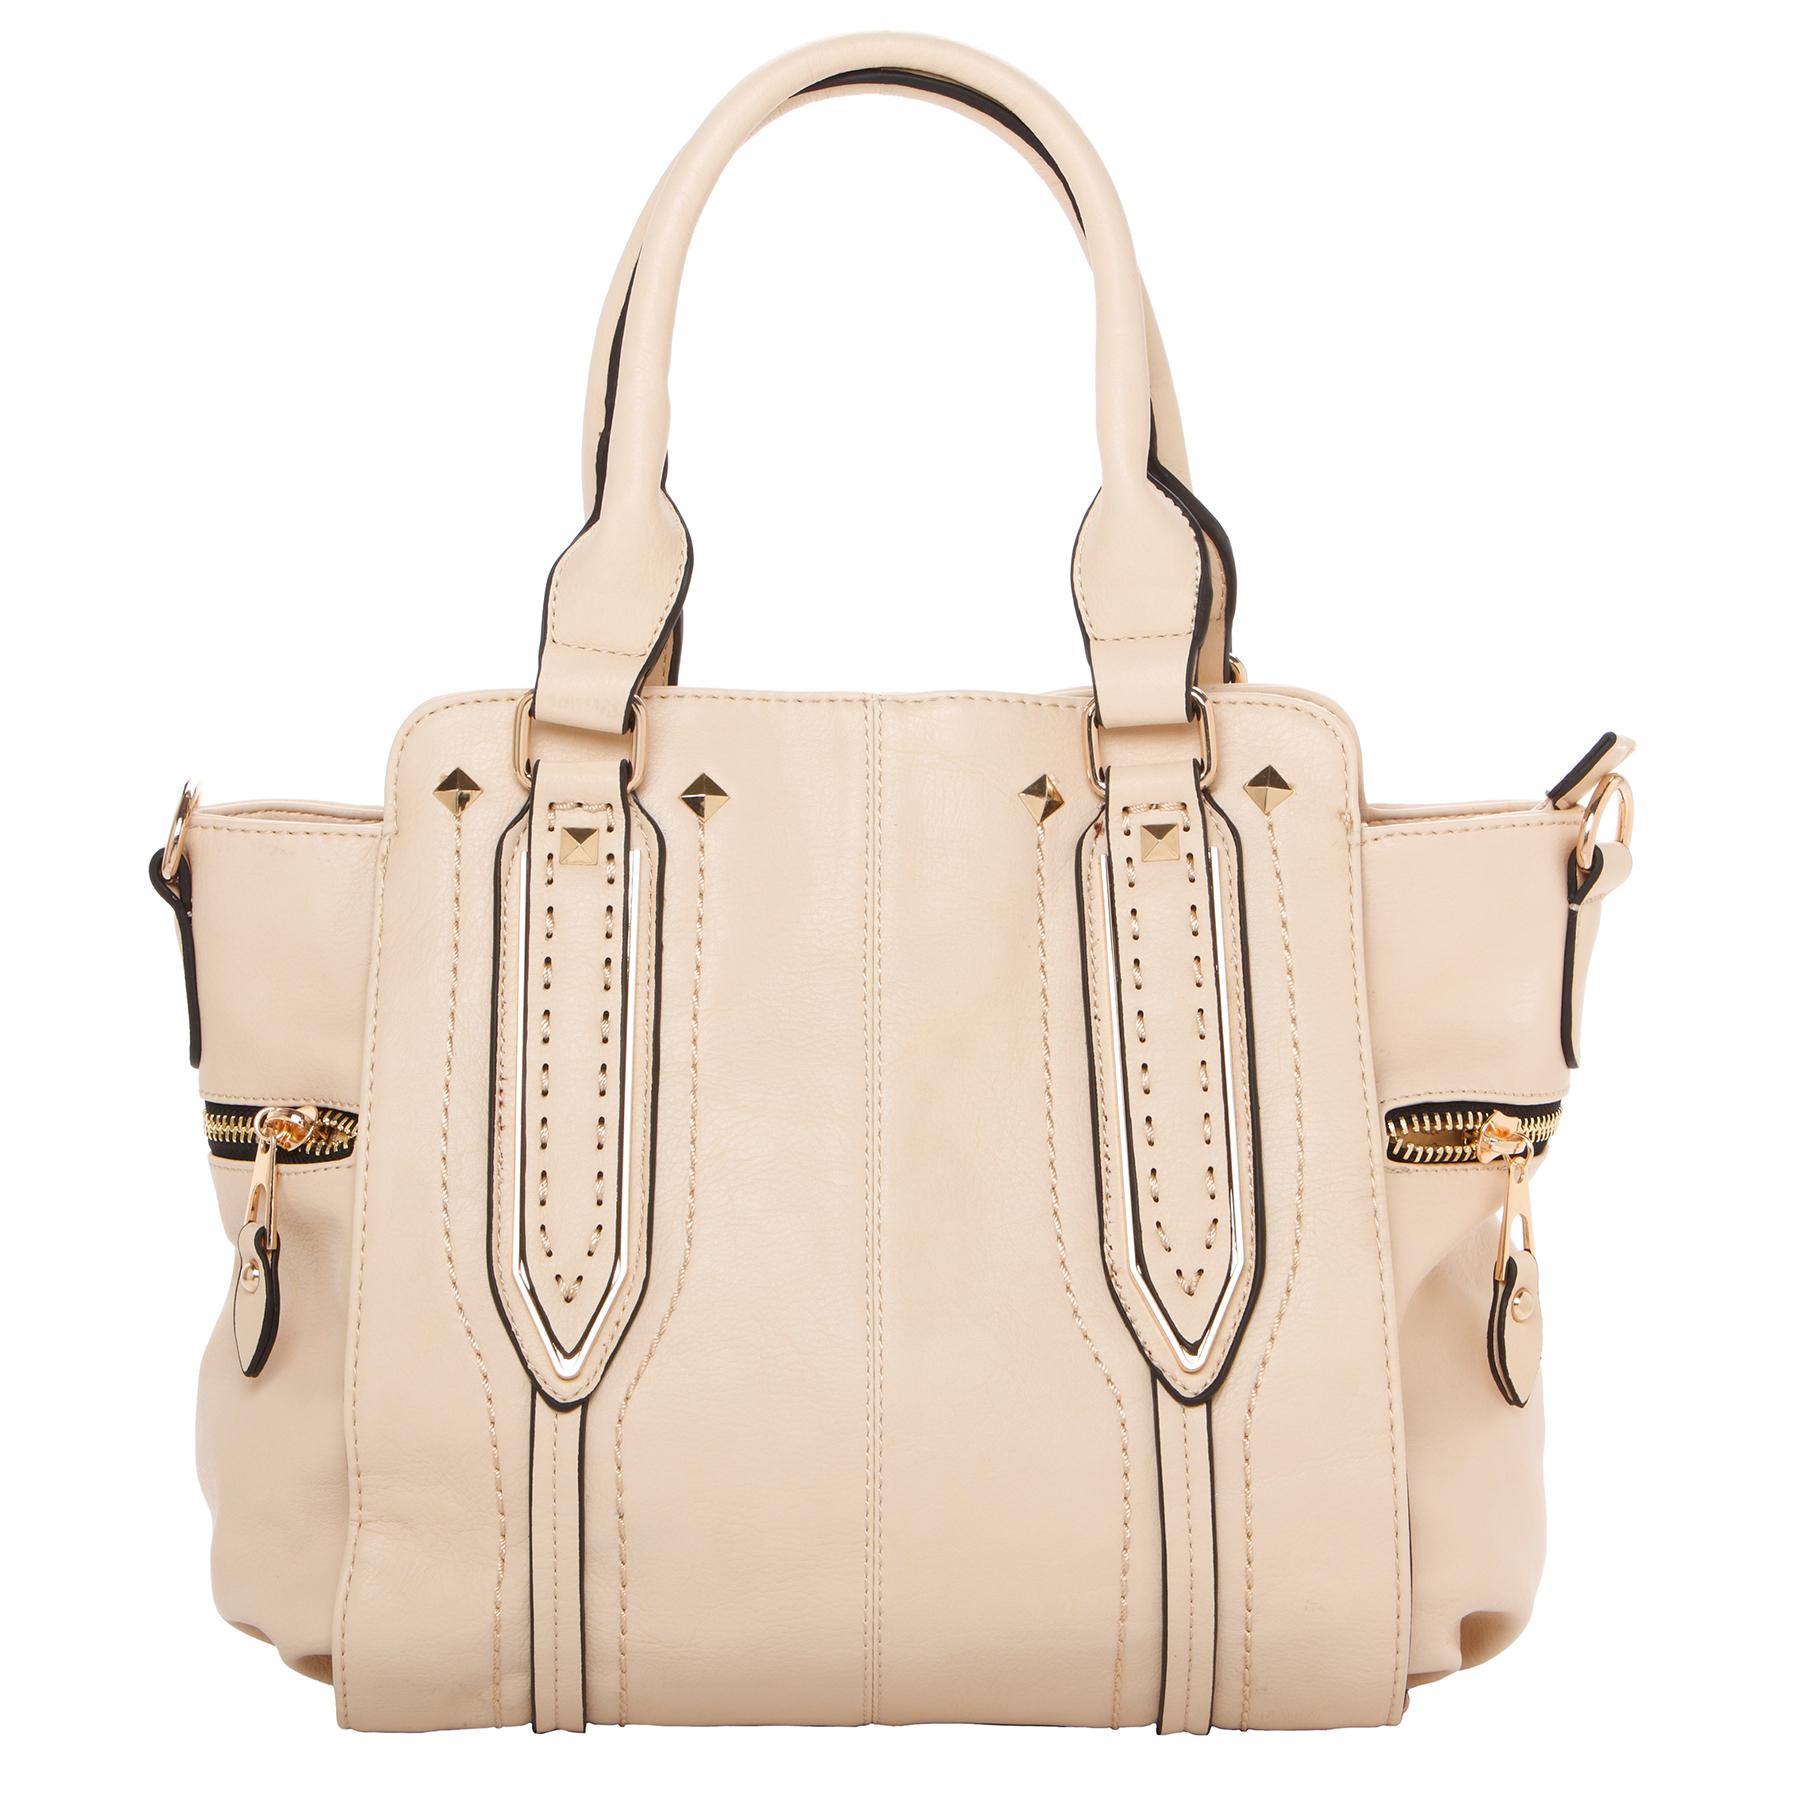 NORI Beige Top Handle Office Tote Style Satchel Handbag front